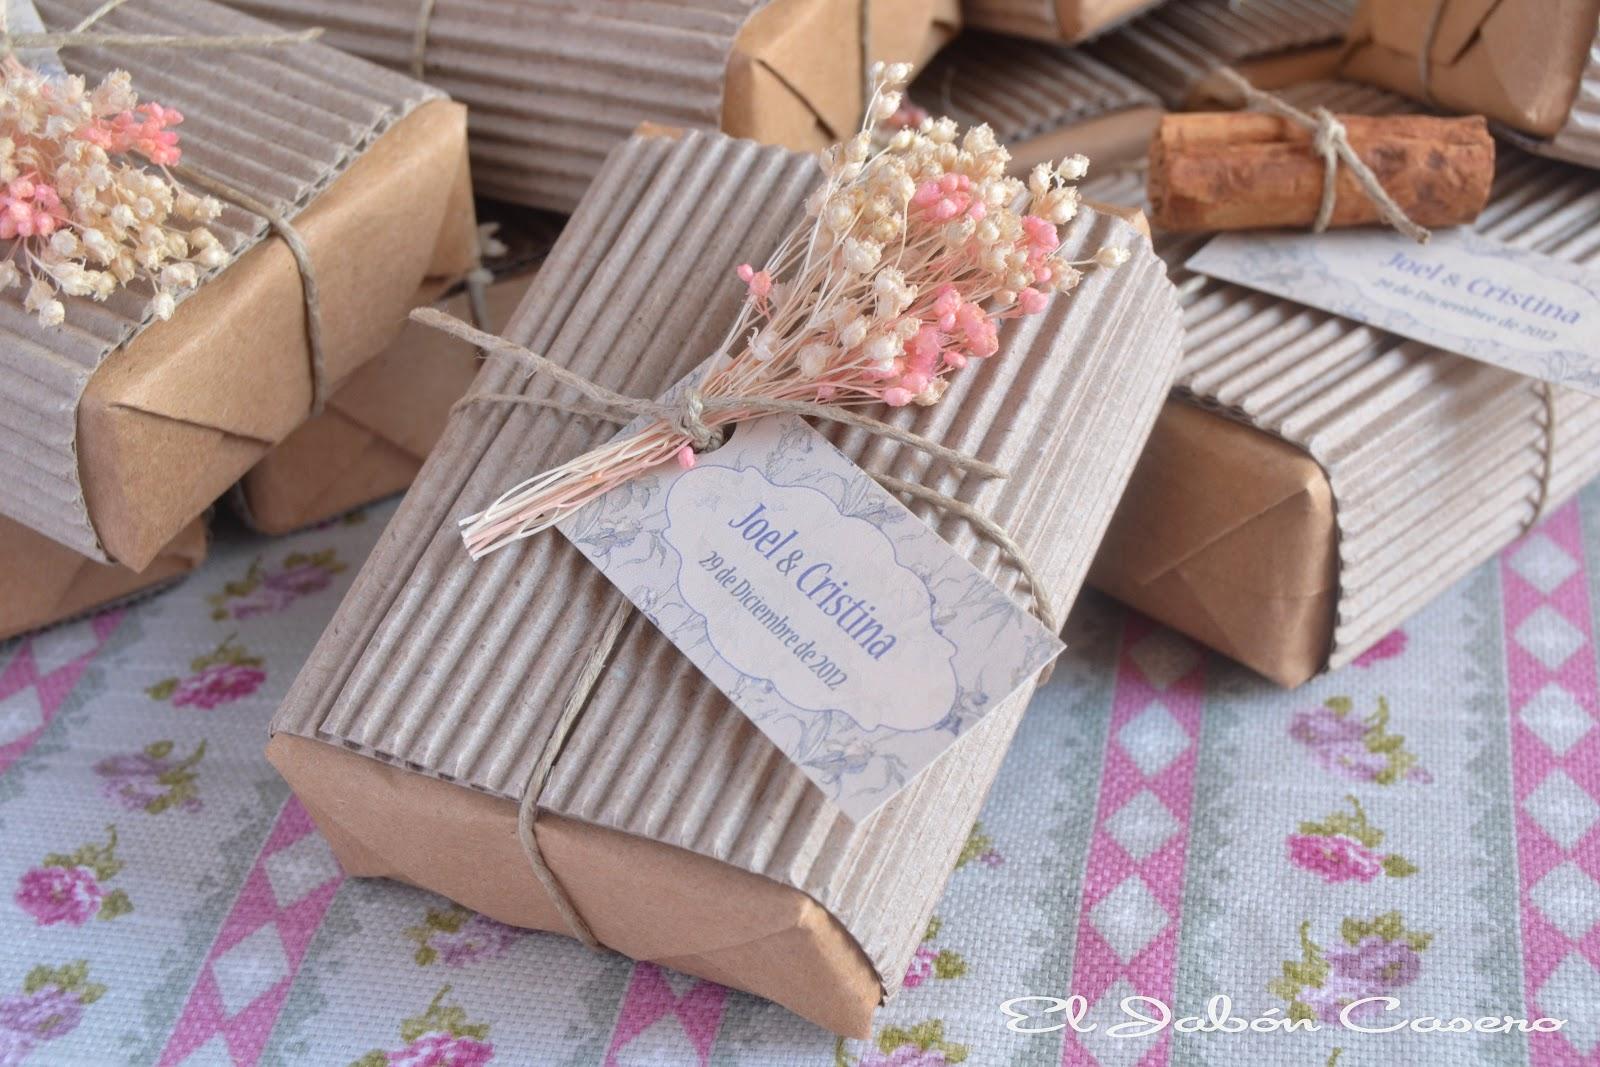 El jab n casero detalles de boda para ellas y ellos jabones b lsamos y sales perfumadas - Manualidades regalo boda ...